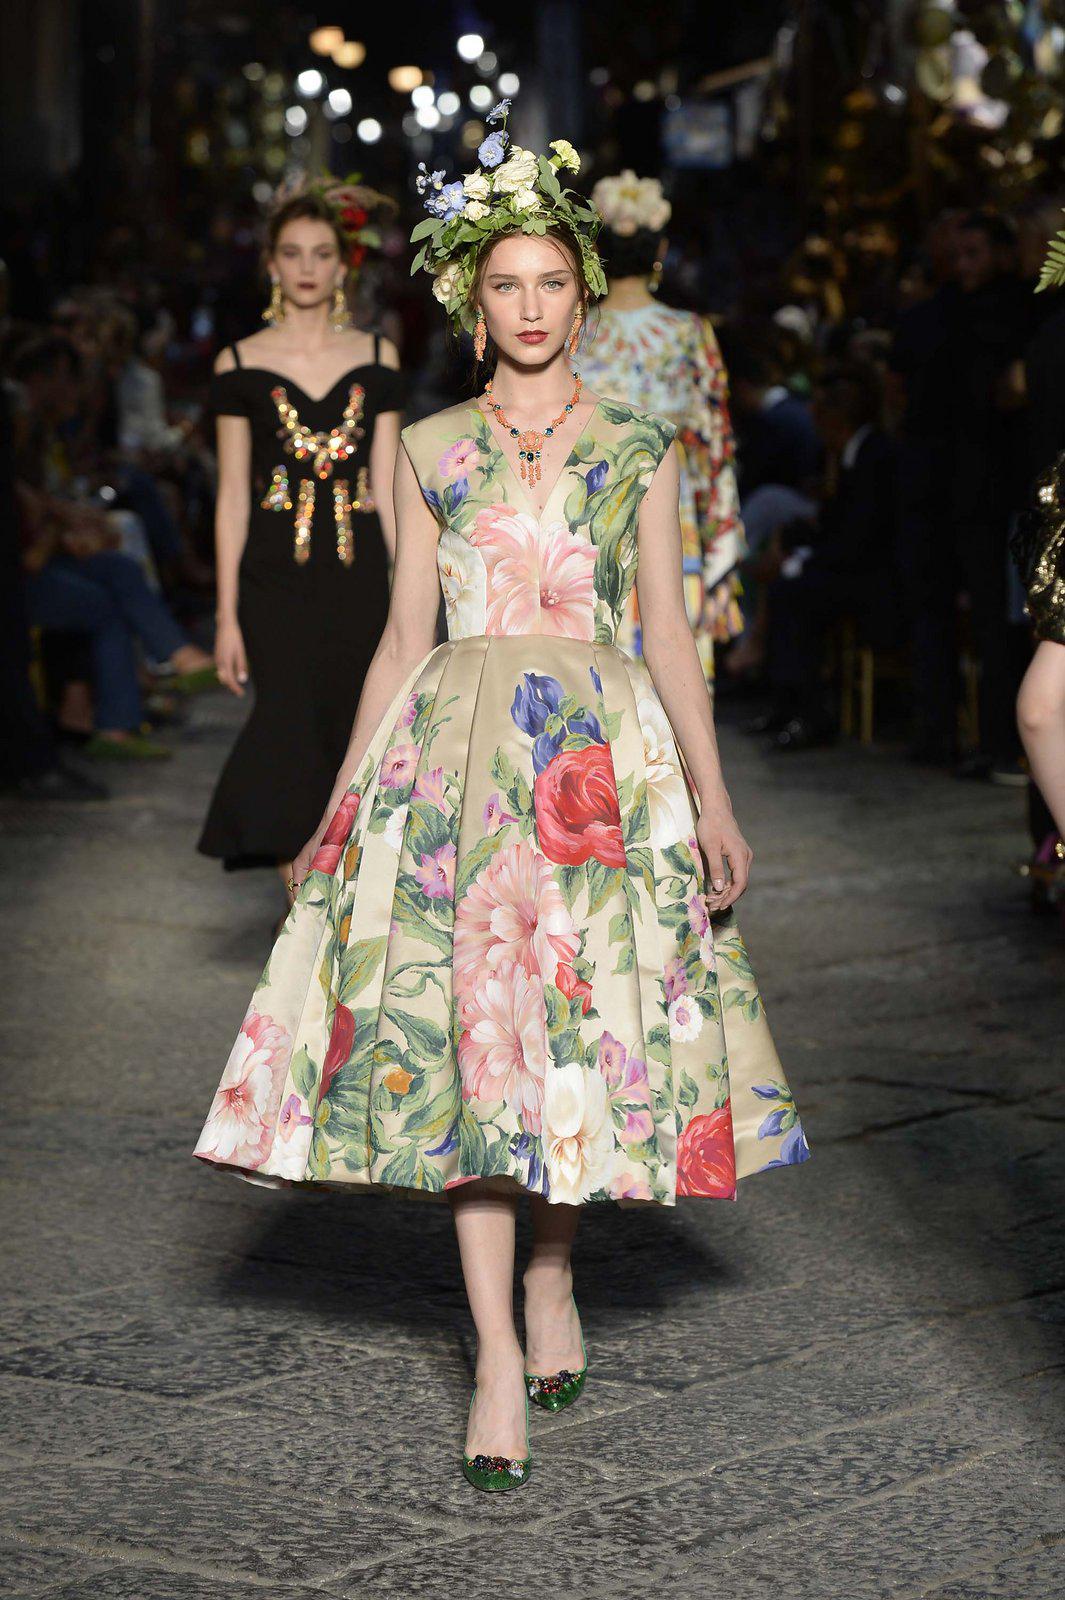 dolce gabbana alta moda 2016 fashion trendsetter